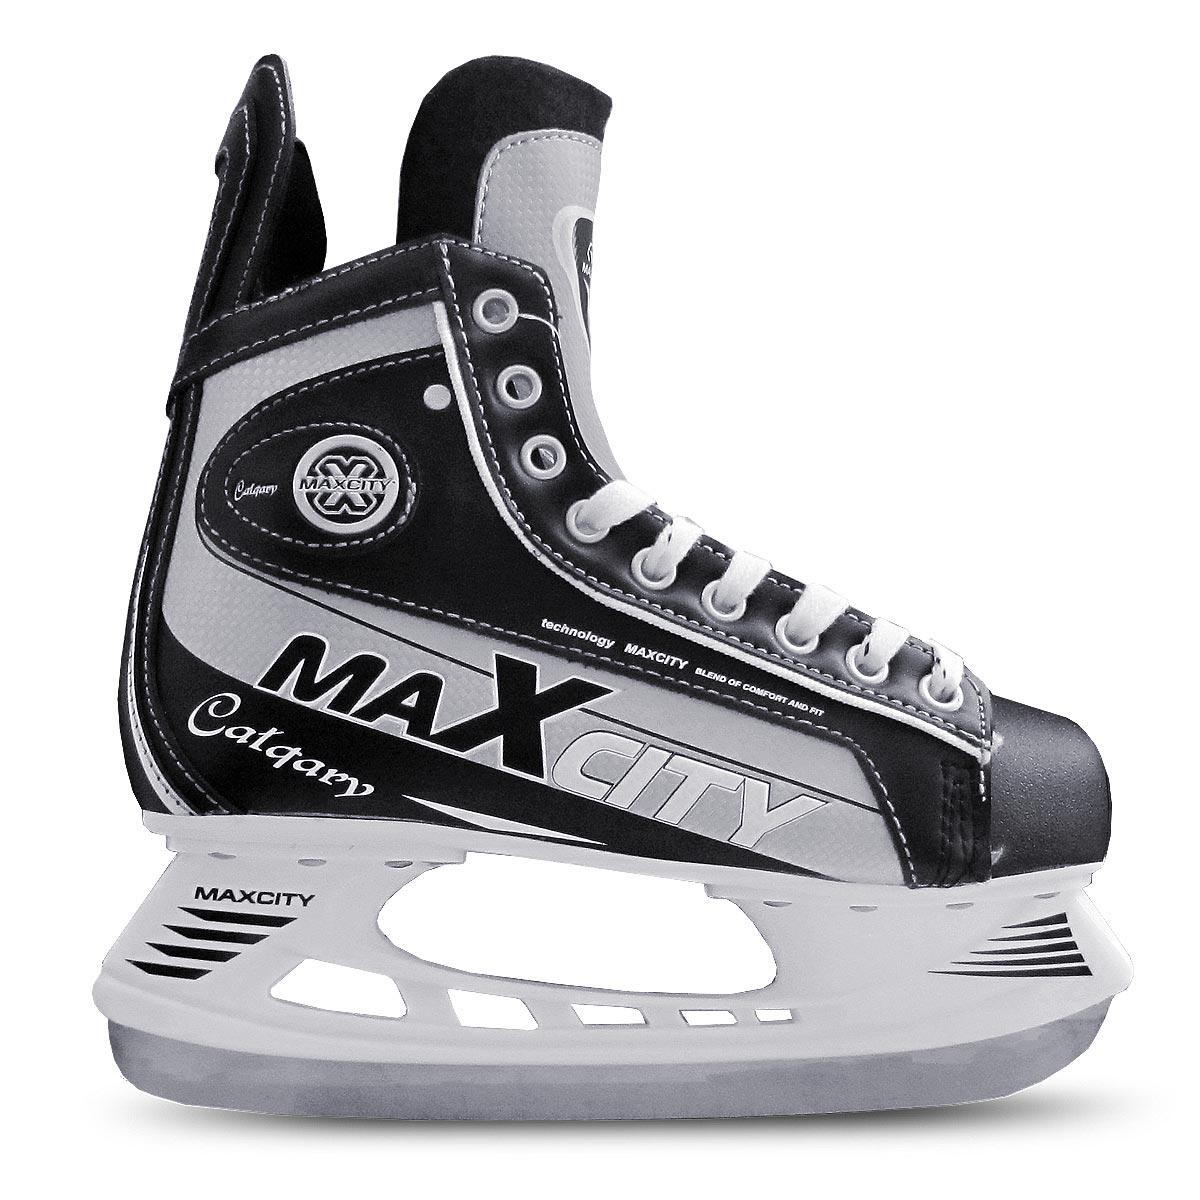 Коньки хоккейные мужские MaxCity Calgary, цвет: черный, серый. Размер 45 коньки maxcity caribo combo girl 30 33 pink